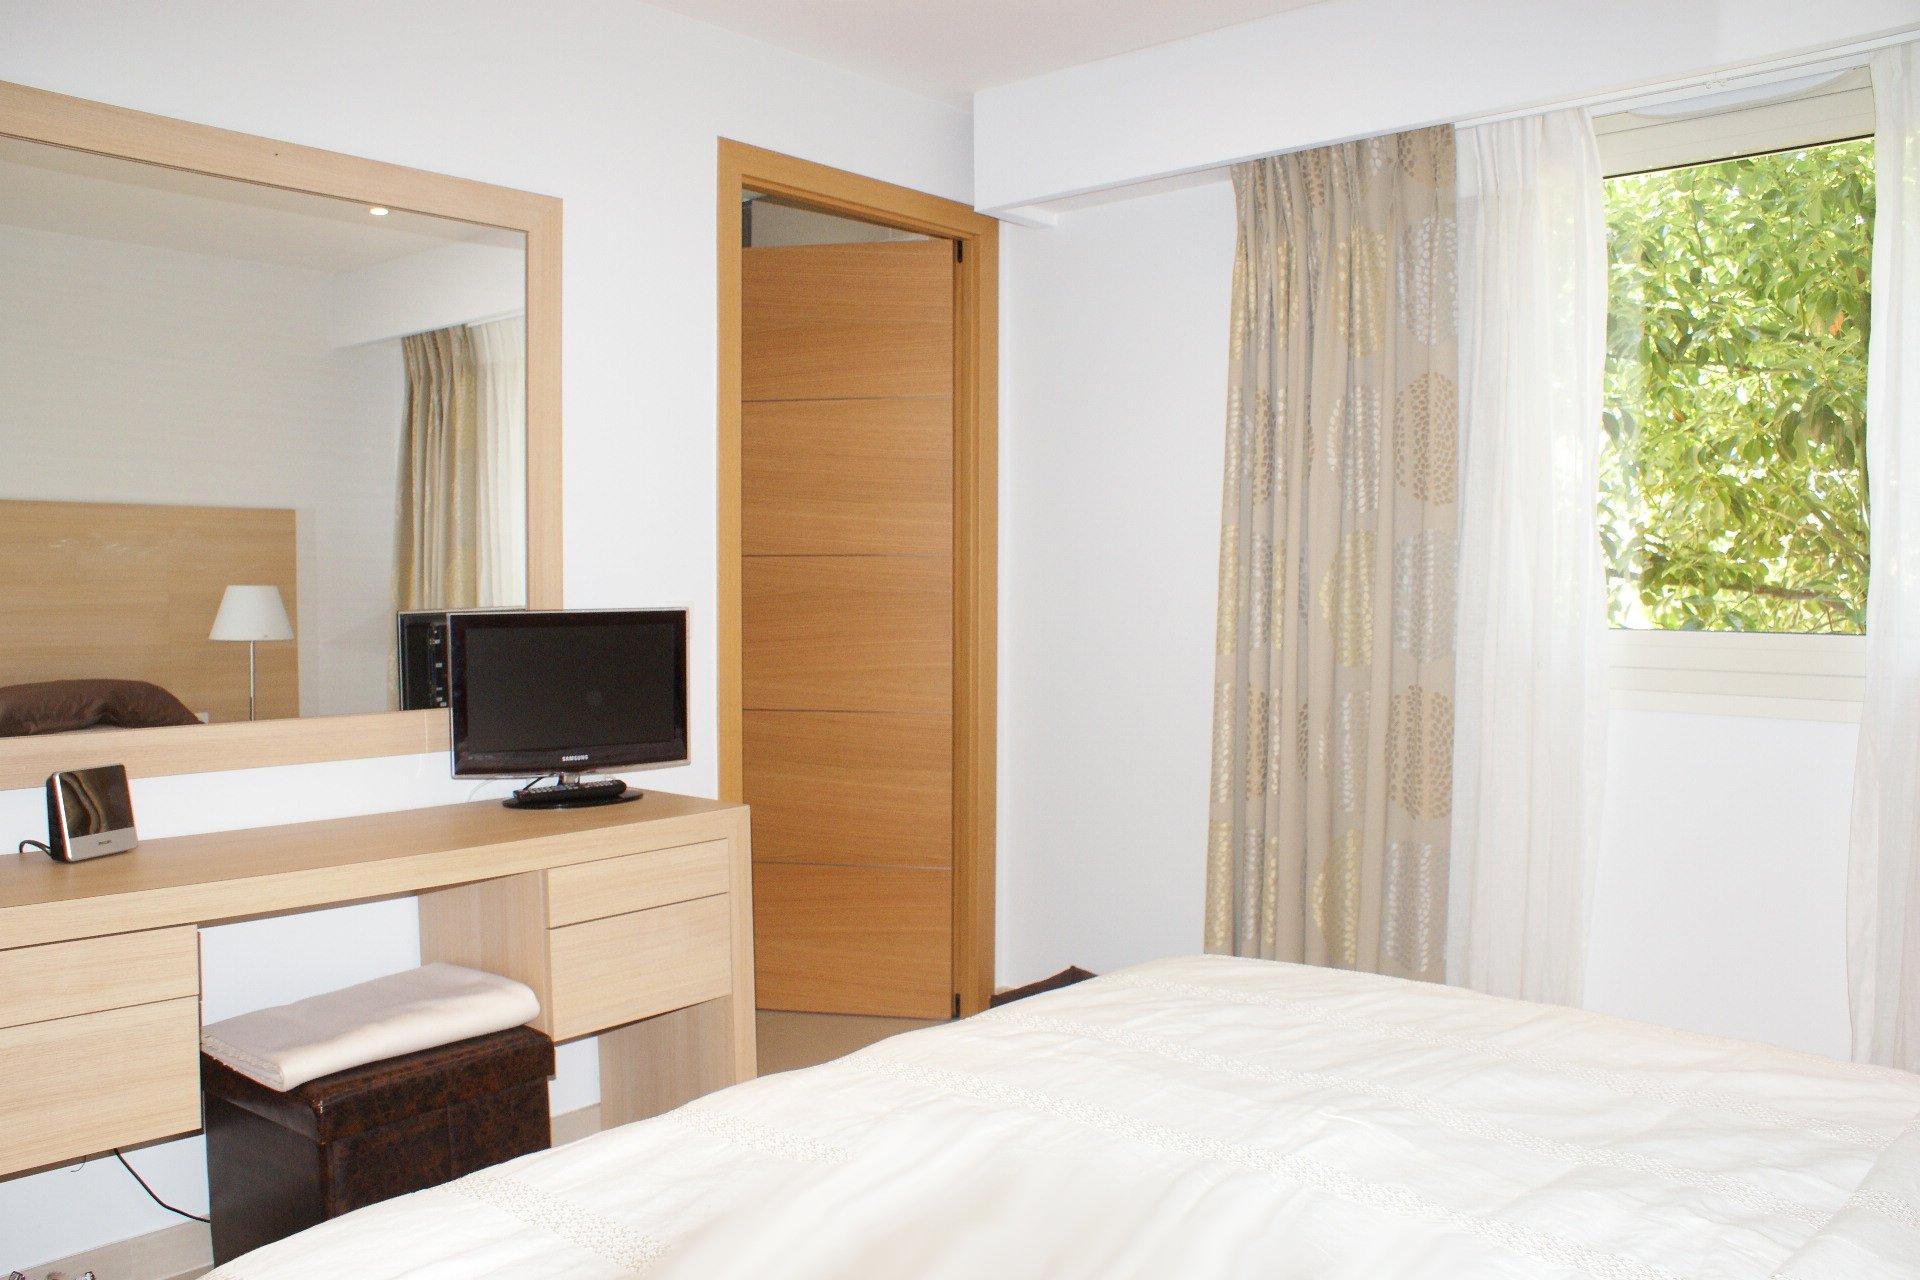 Freundliche 2-Zimmer-Wohnung gleich am Meer